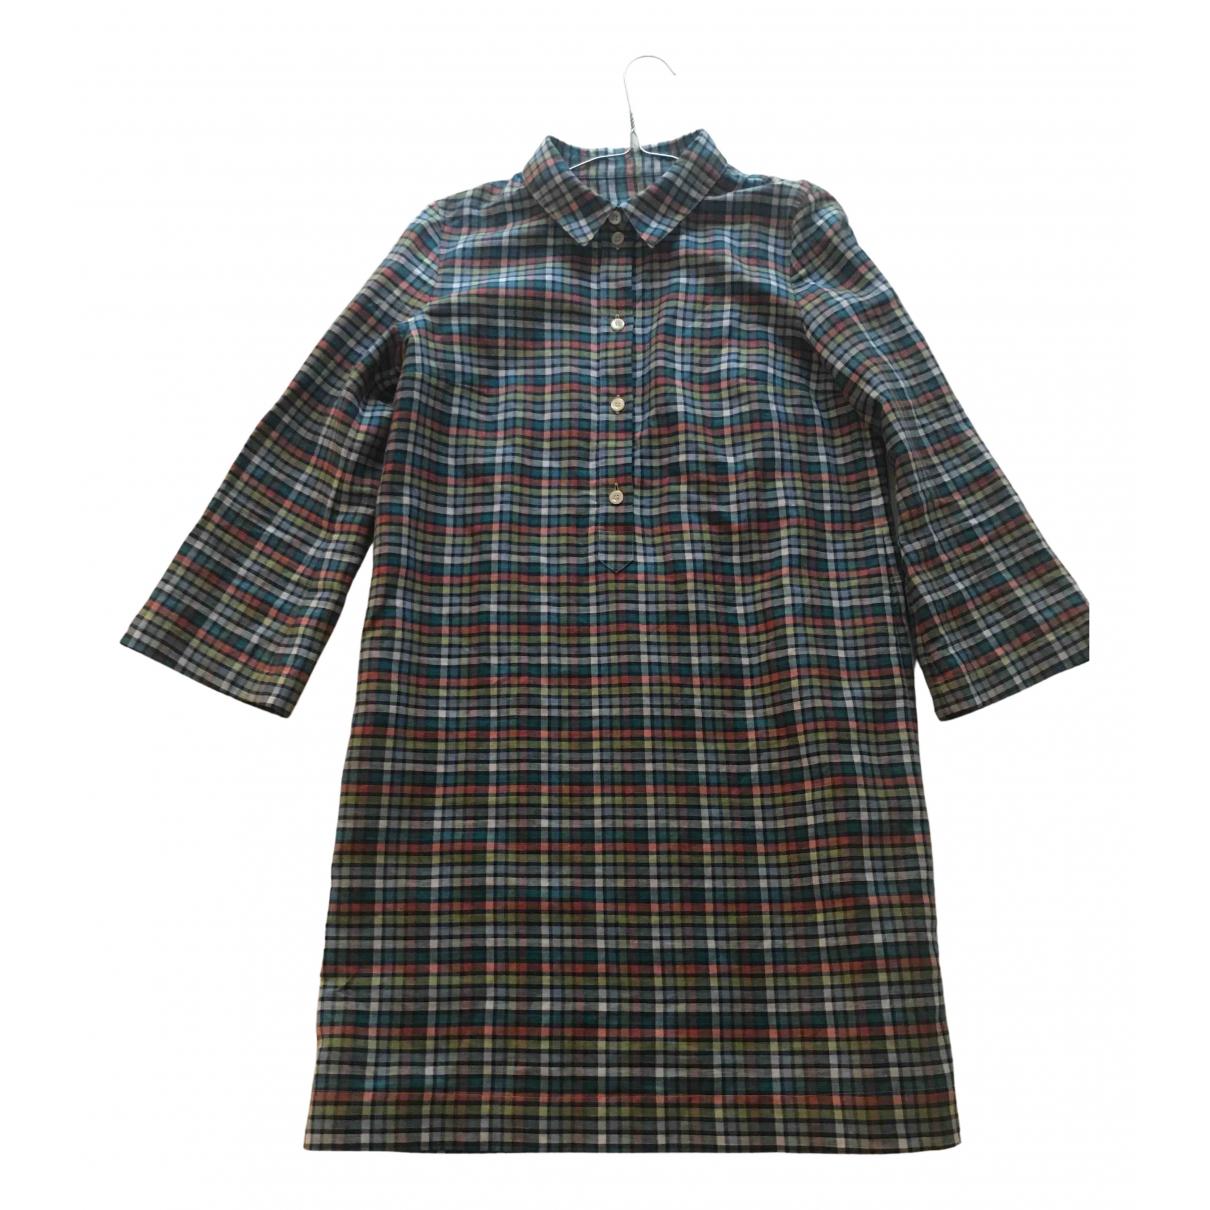 Apc \N Kleid in  Bunt Leinen